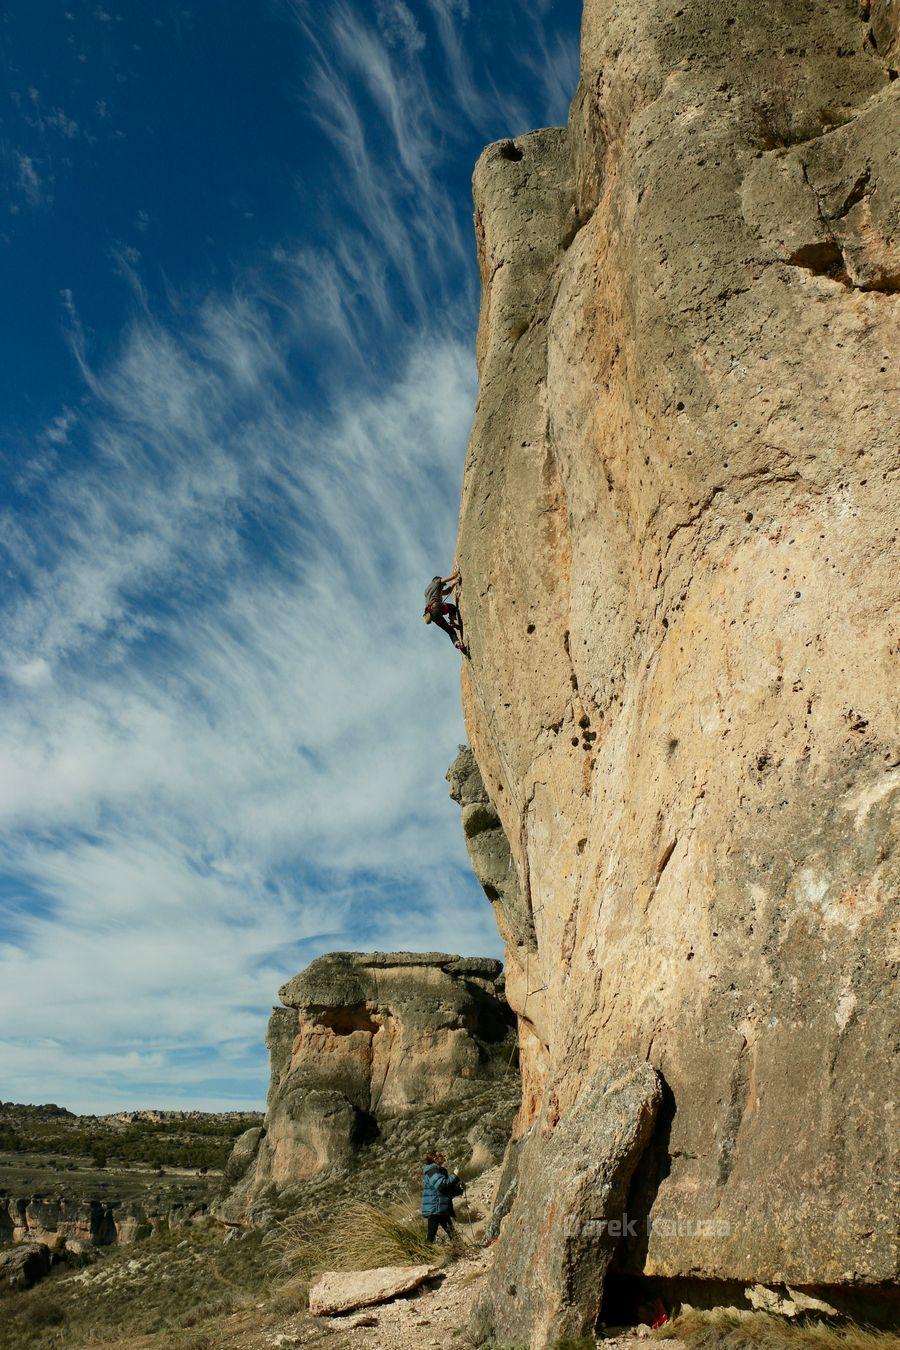 José en Piensa hoy cómo escalar mañana - sector Gena - Cuenca - Foto Darek